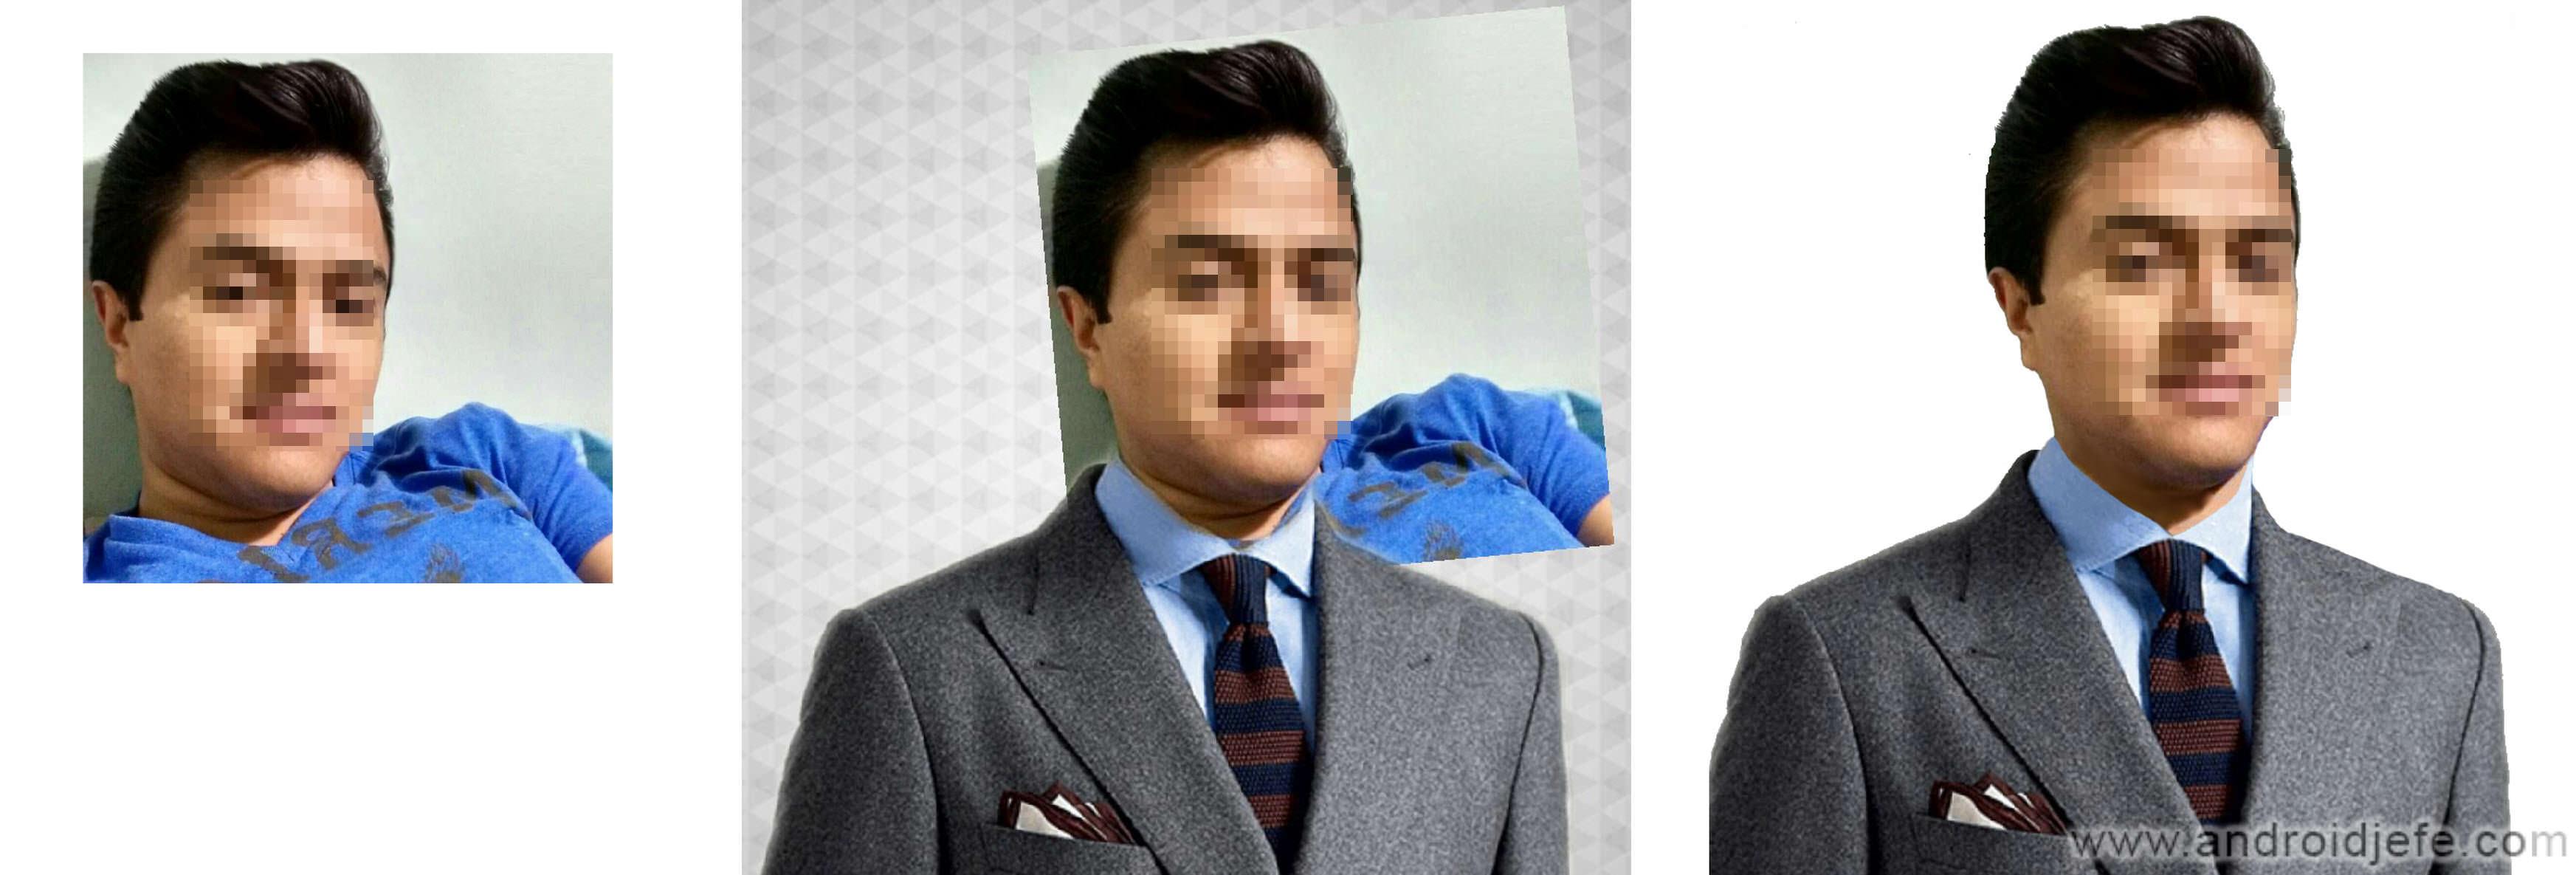 2 APPS para montar tu foto en un traje de hombre